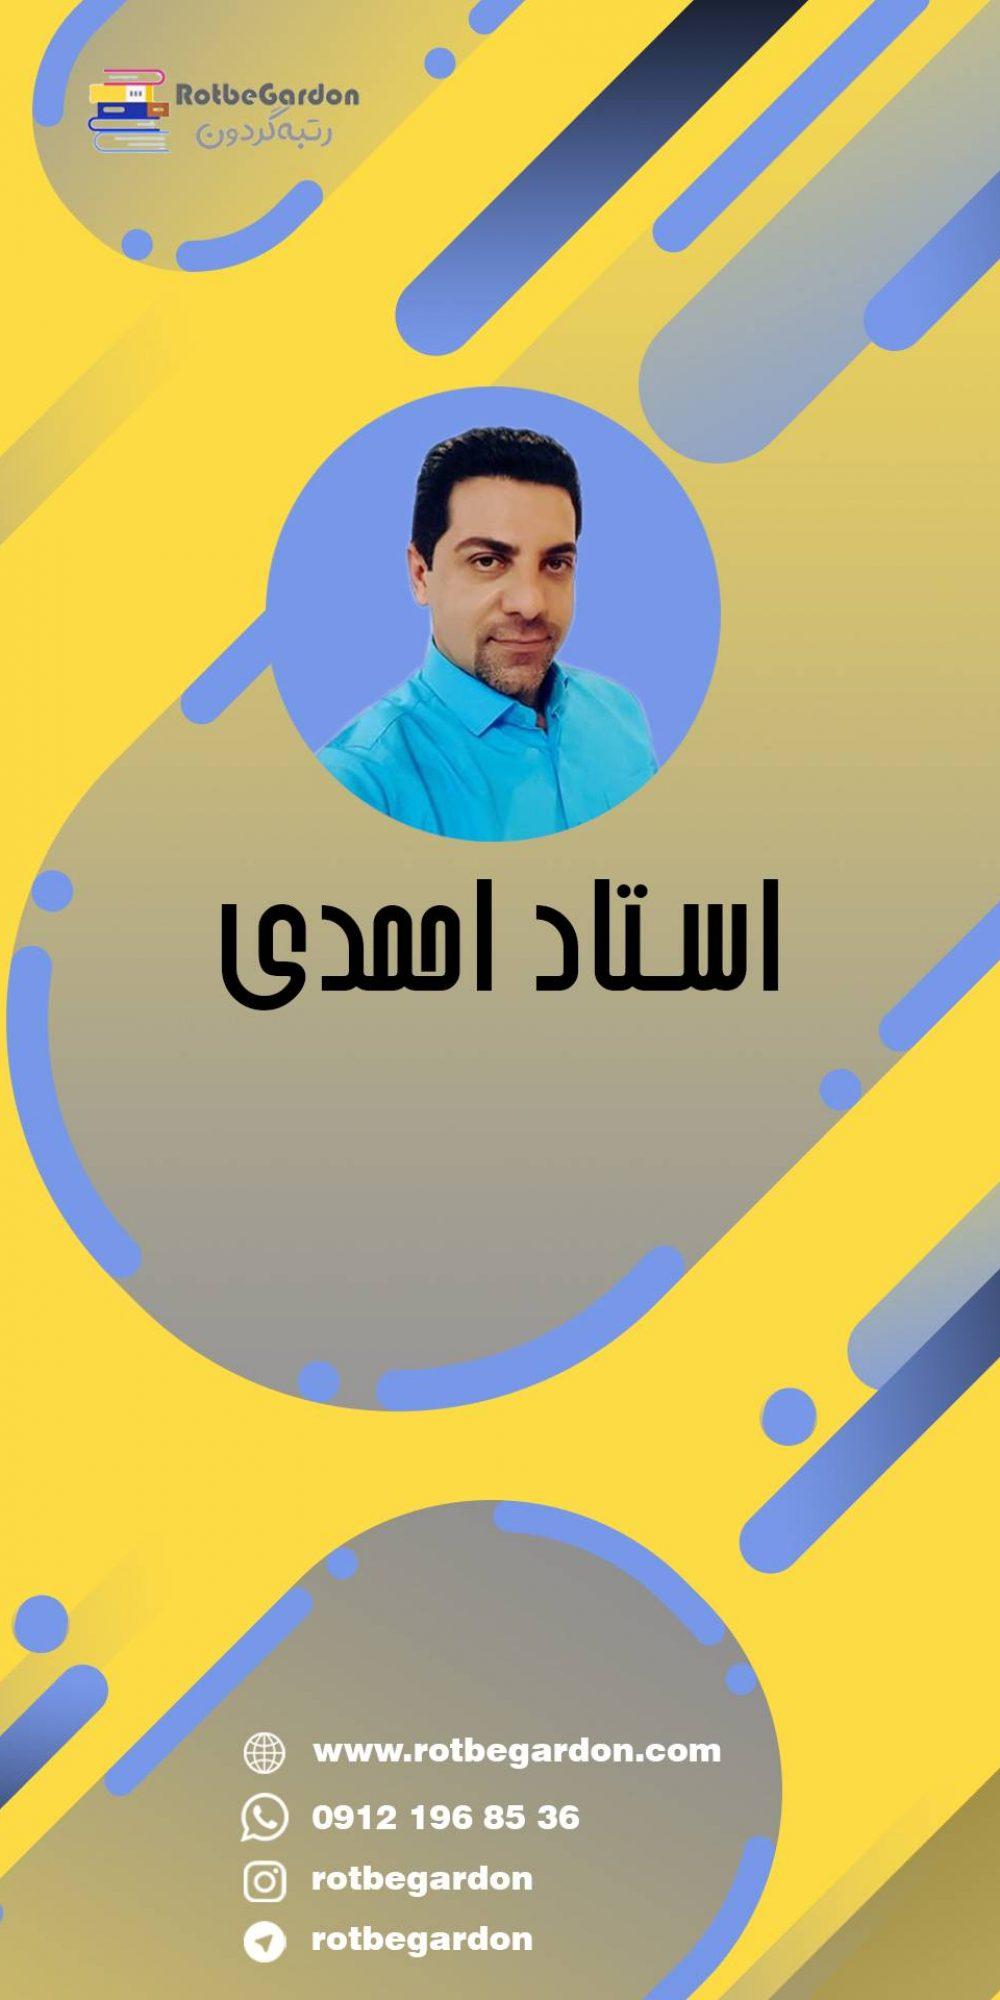 web banner moblie 2 ozuip4hvc4sie81603xd4yu7c4p519o6scgkxywra8 - استاد احمدی